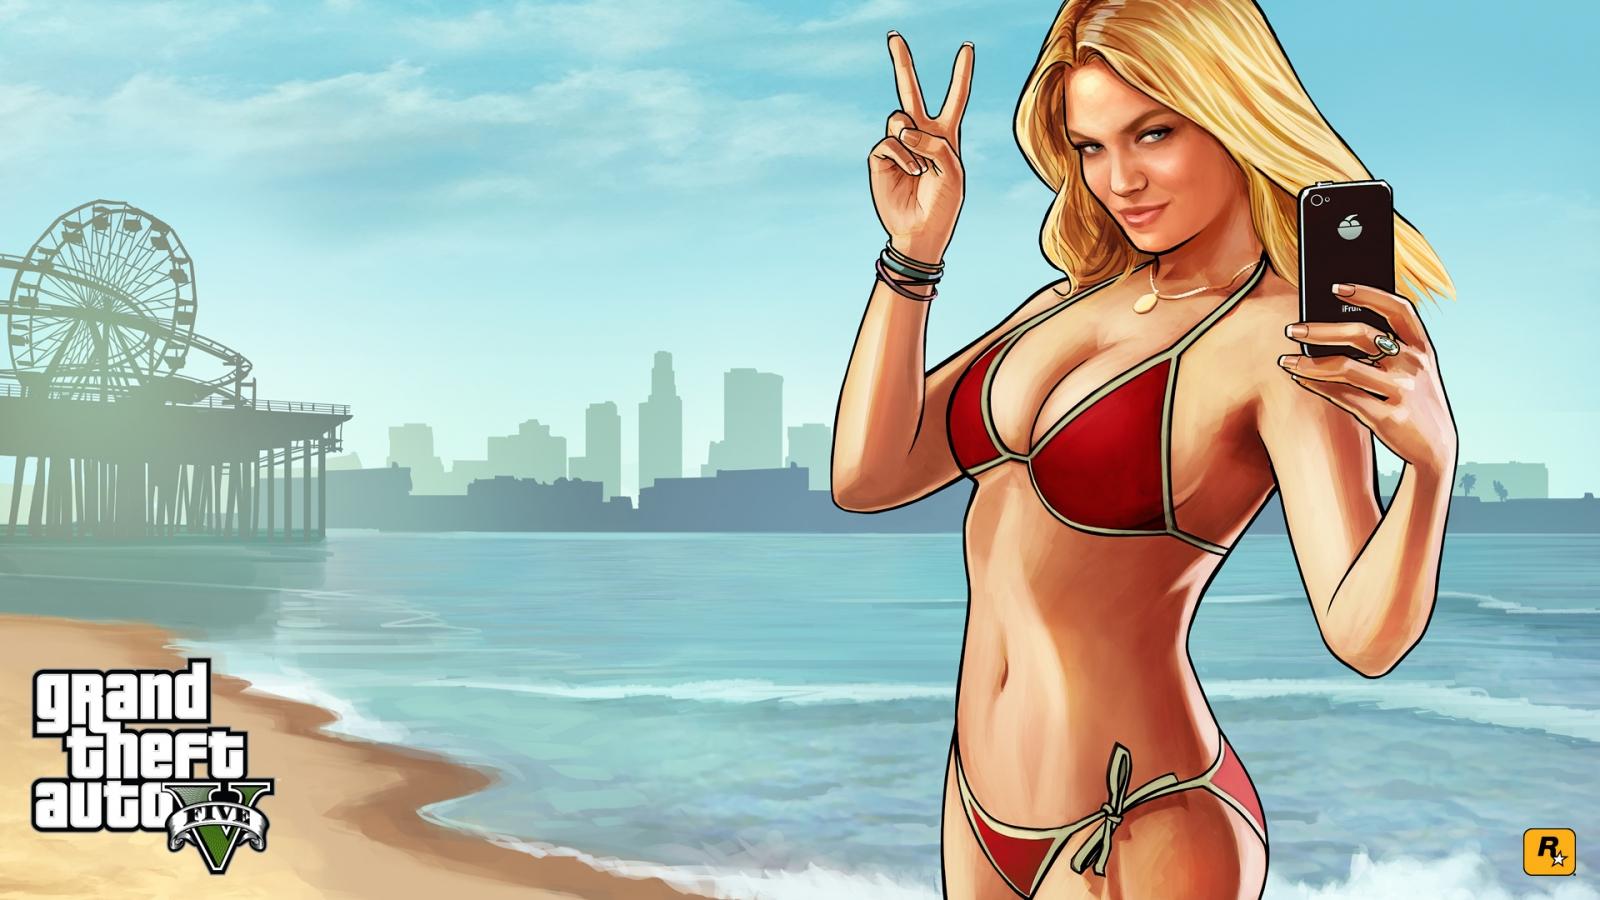 GTA 5 and Lindsay Lohan